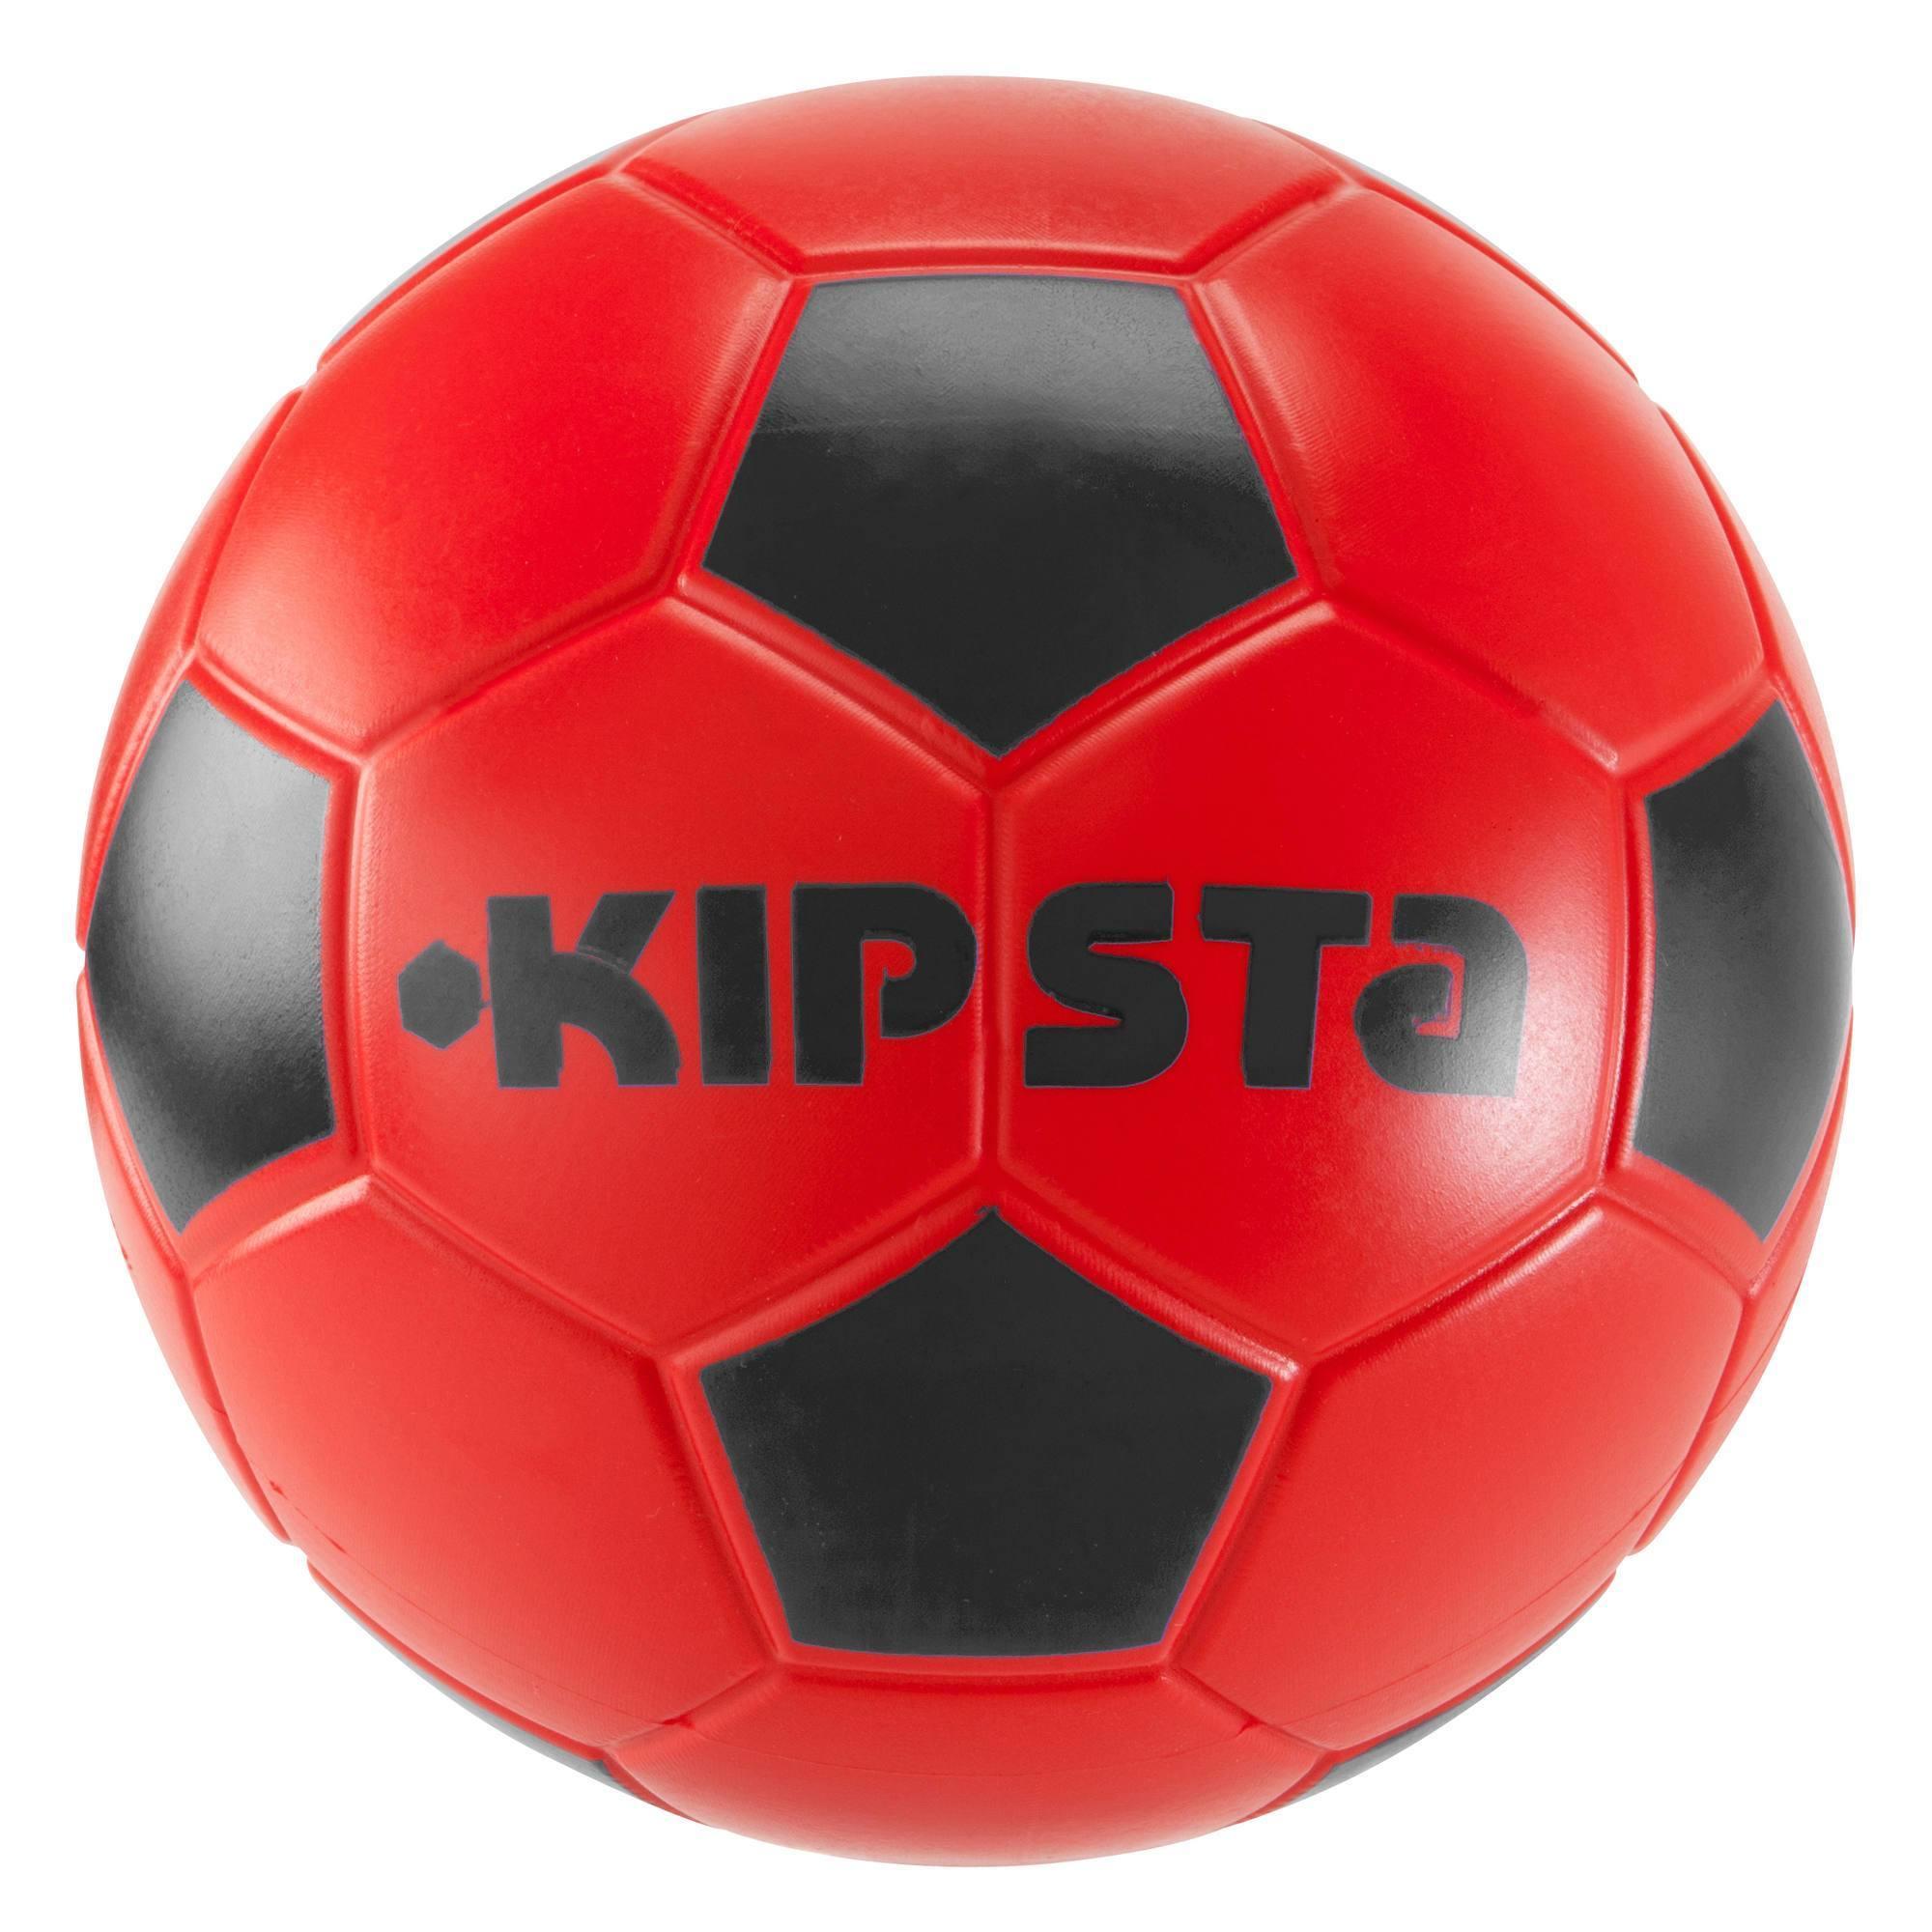 Ballon de football Wizzy 500 taille 4 rouge bleu